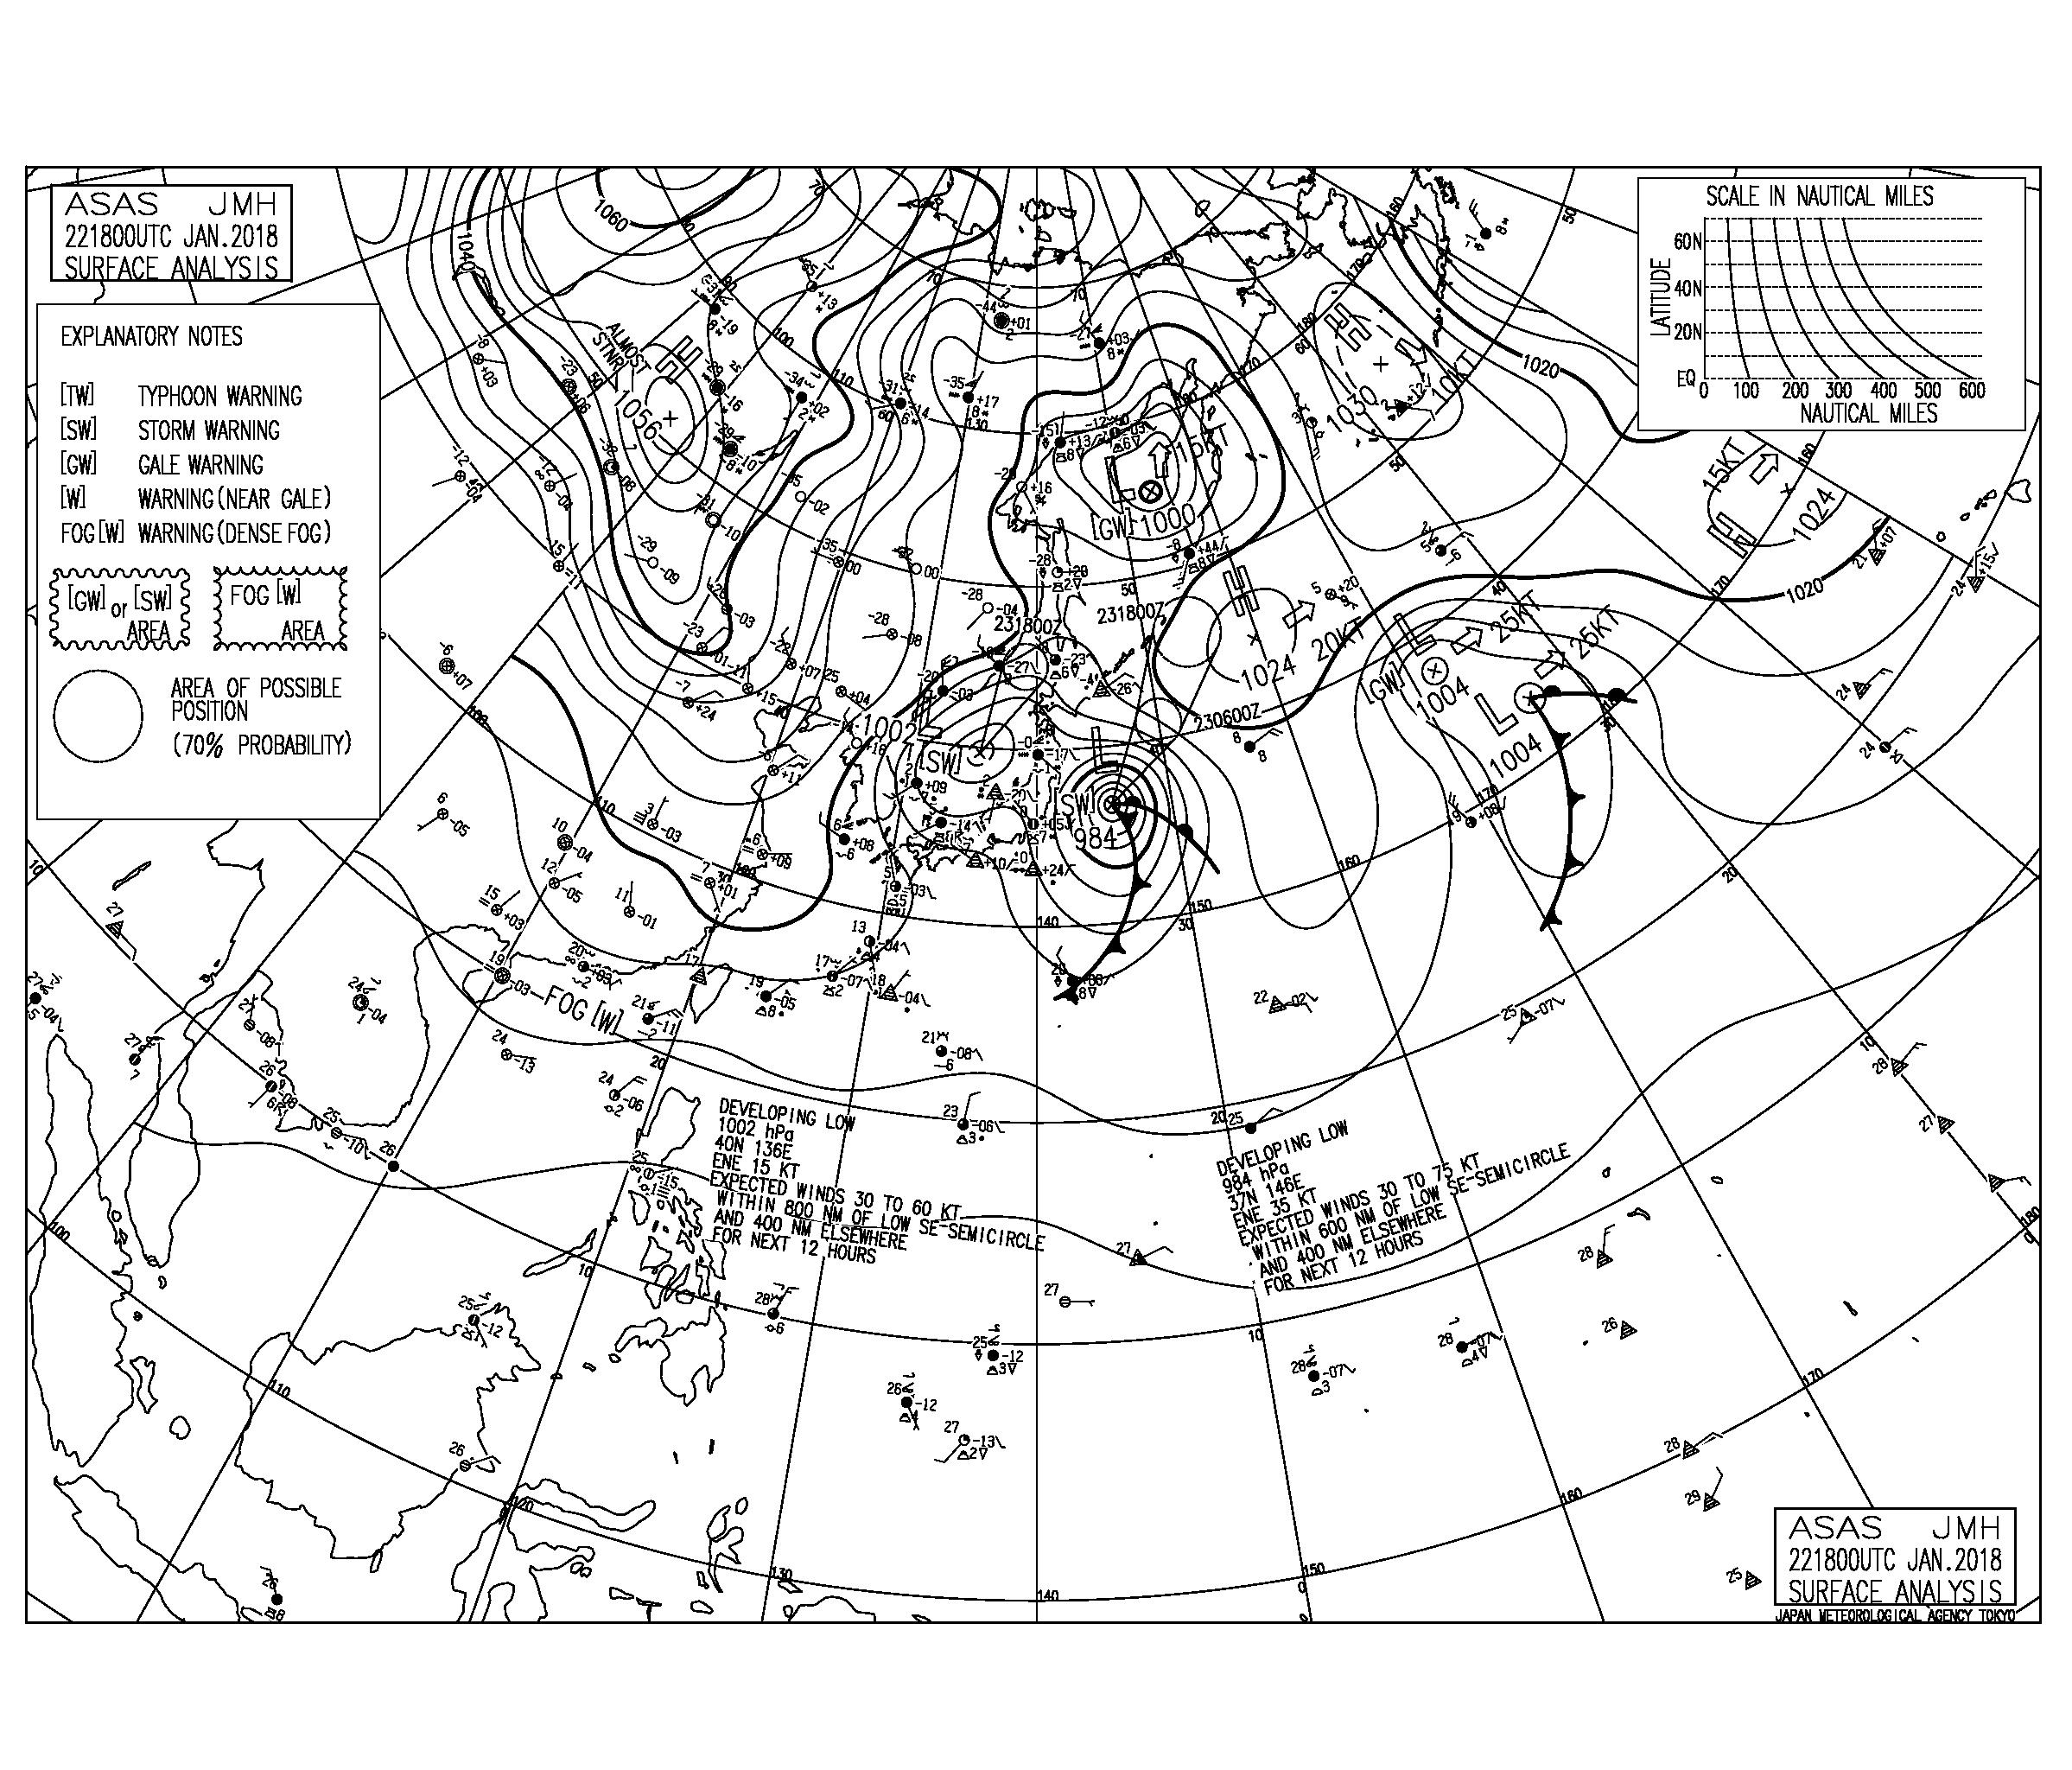 【2018.1.23】日本海側は豪雪となる可能性があり厳重な警戒が必要